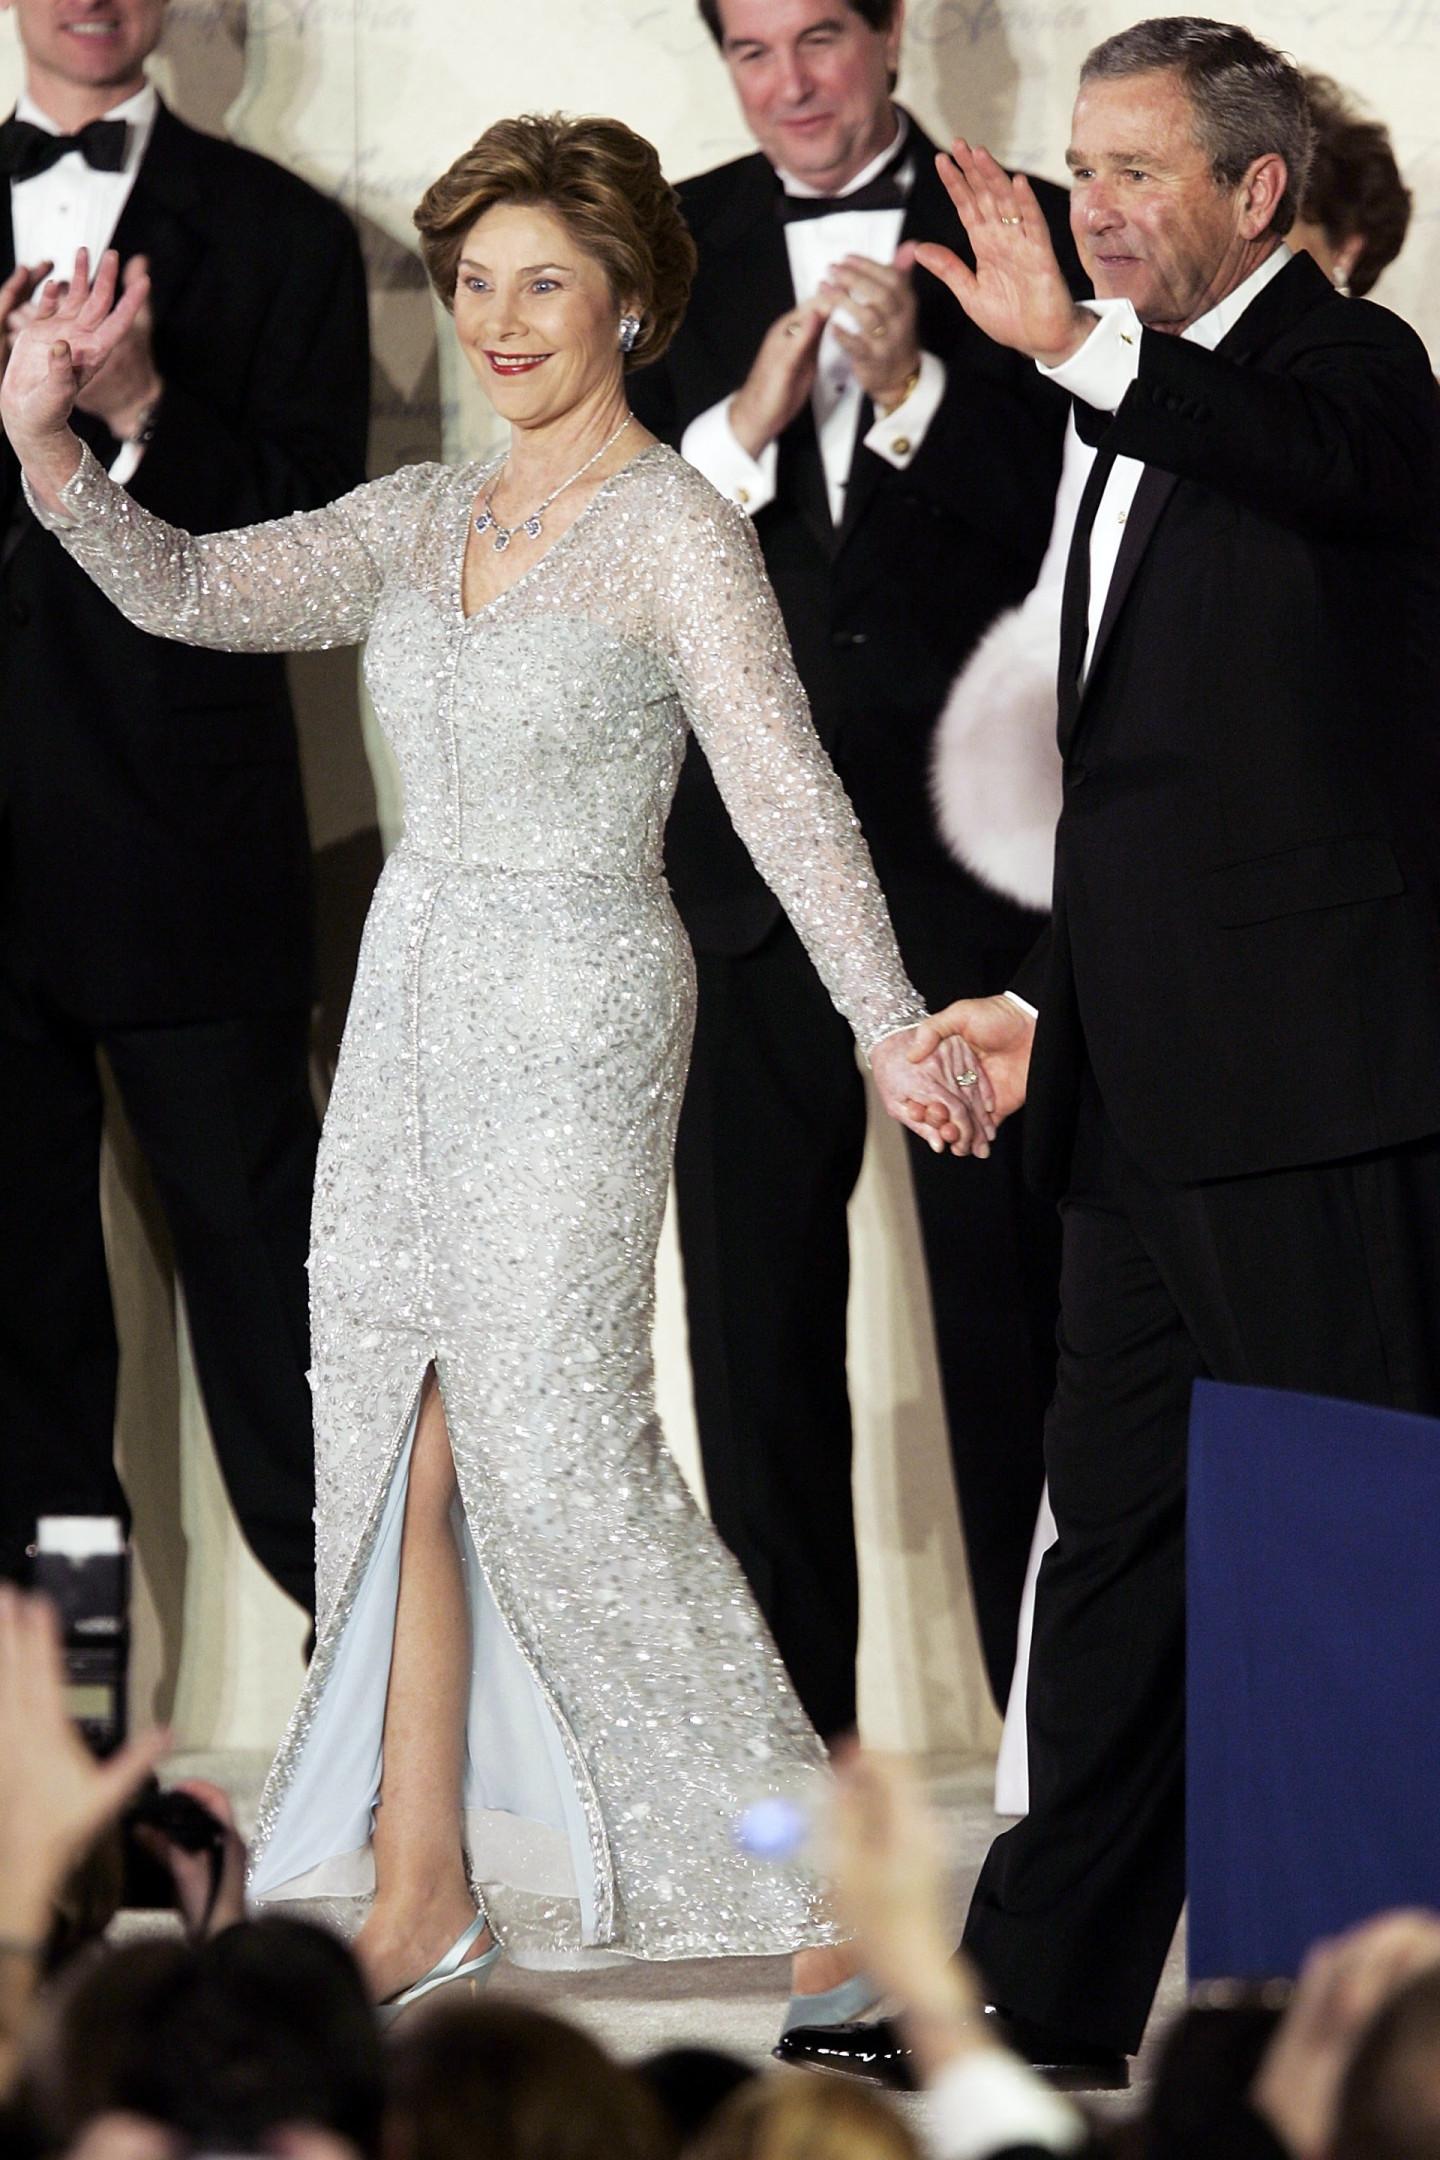 Джордж Буш и Лора Буш в платье Oscar de la Renta, инаугурационный бал, 2005 год